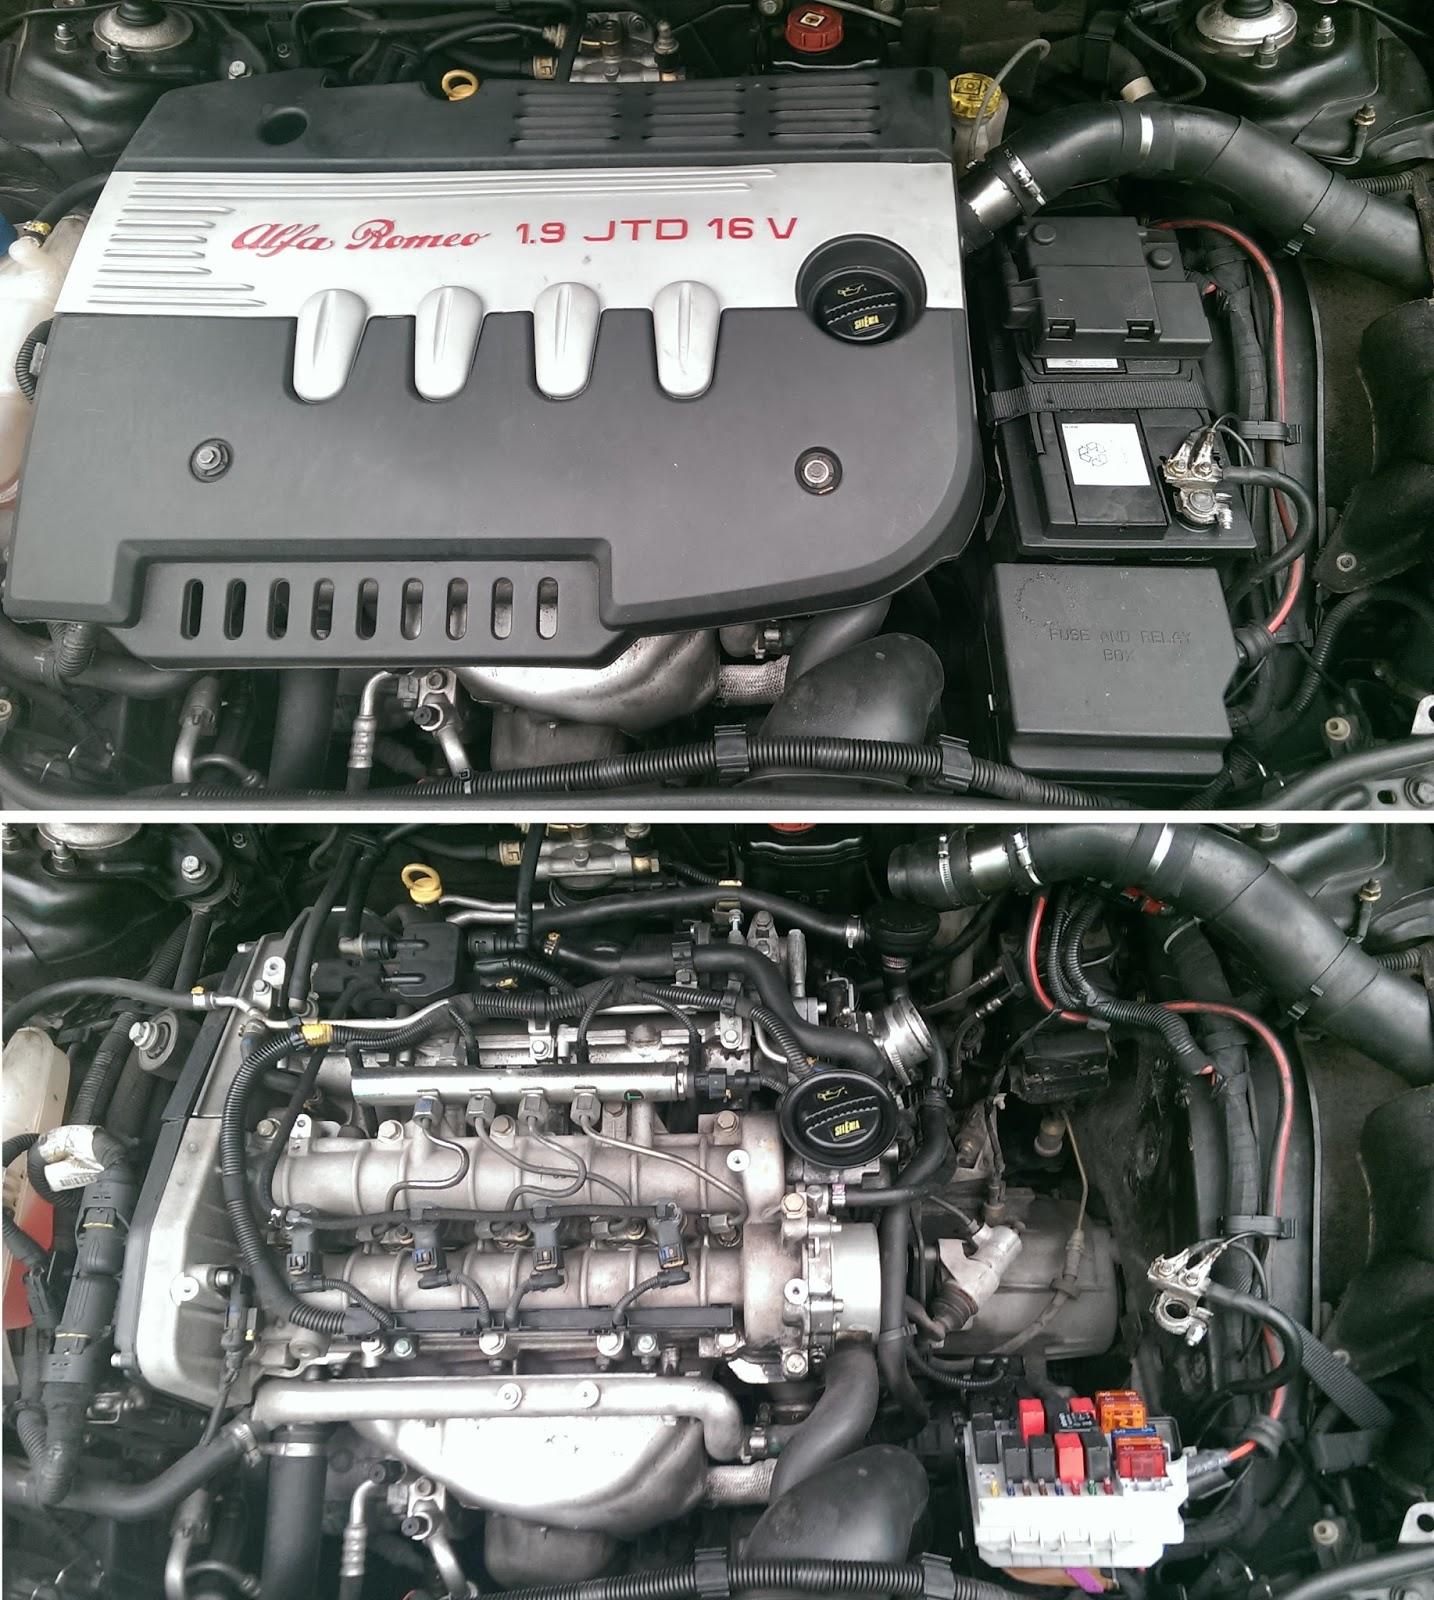 sostituzione filtro aria 159 1.9 jtdm - Alfa Romeo 159 ...